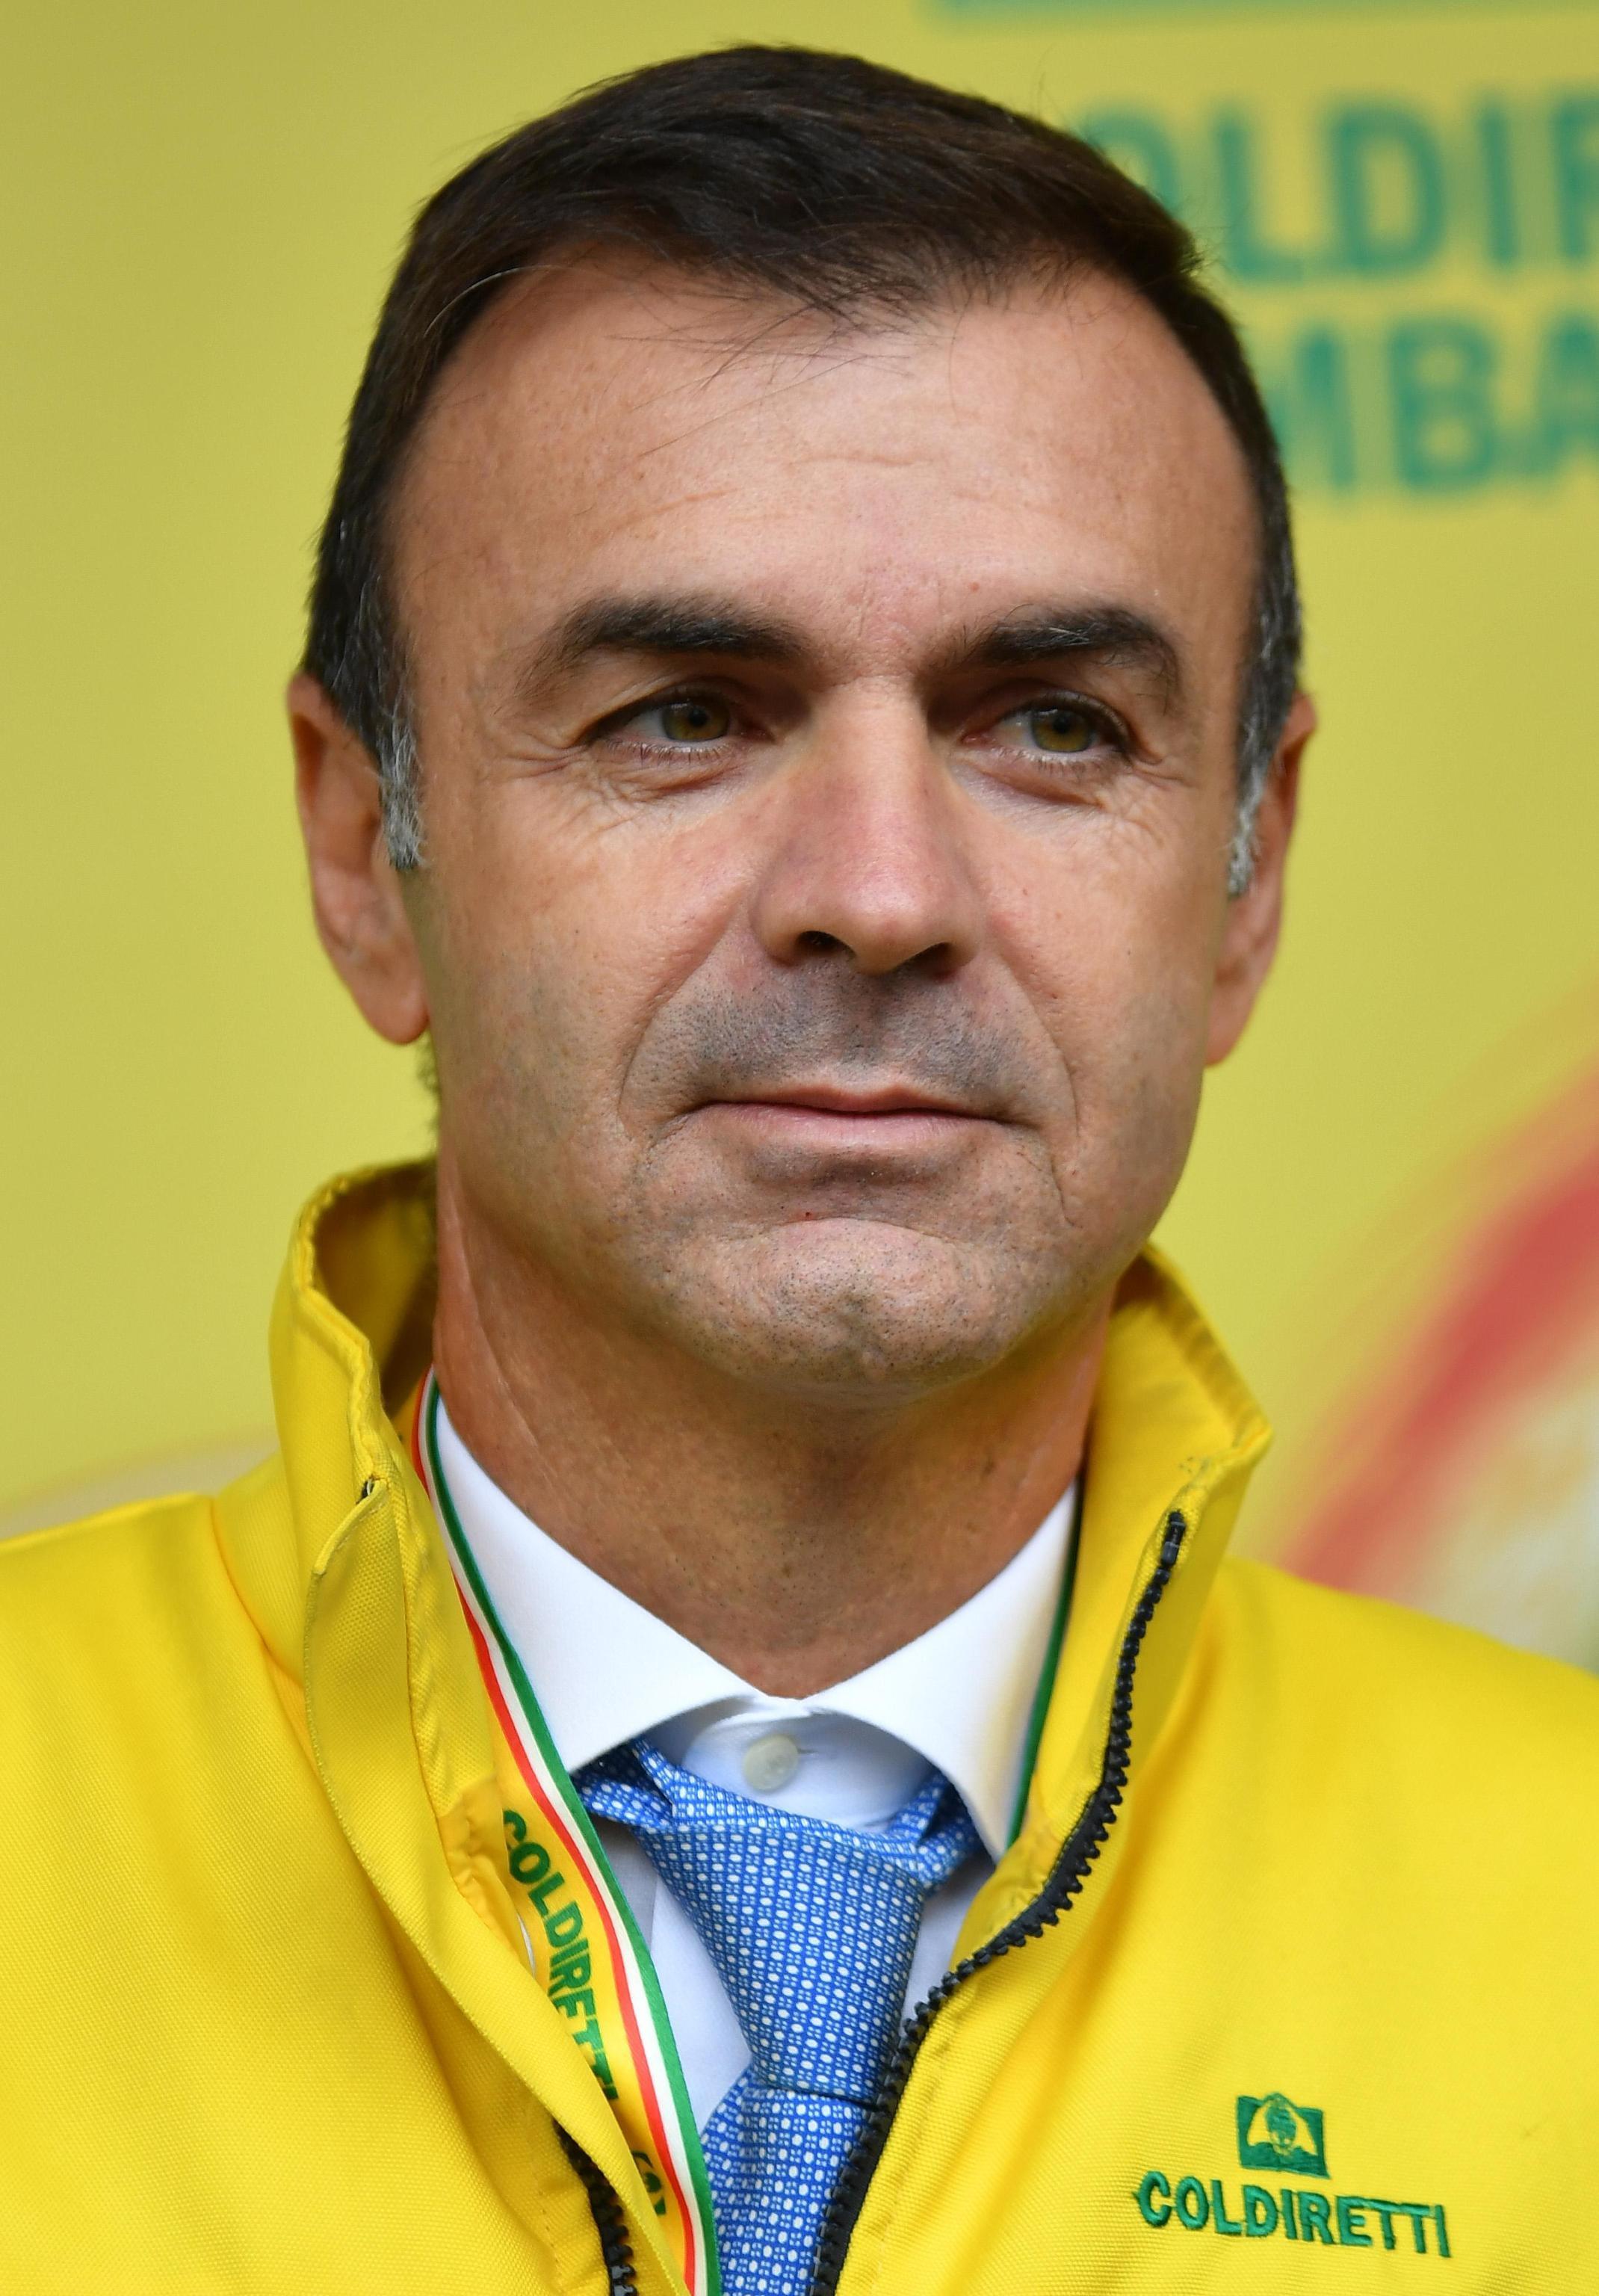 ettore-prandini-presidente-della-coldiretti-foto-ansa